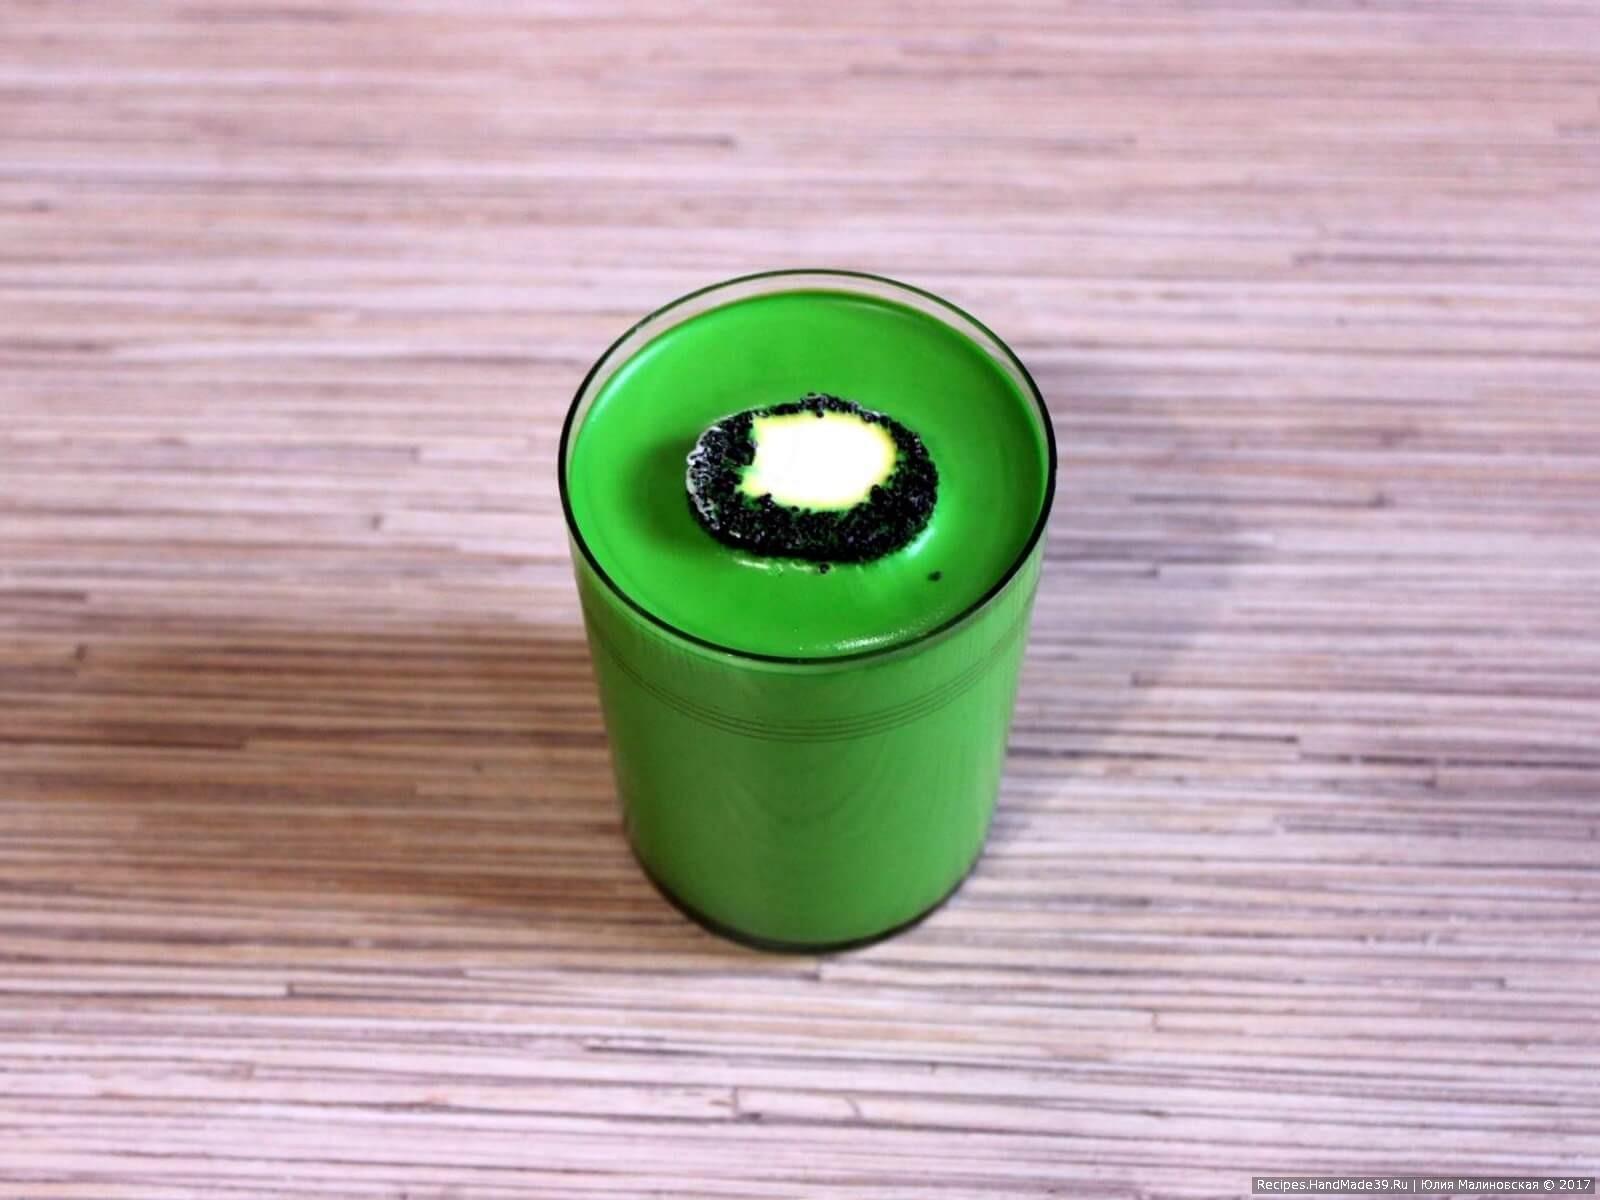 Стакан опустить в горячую воду на 2 мин, извлечь «киви».